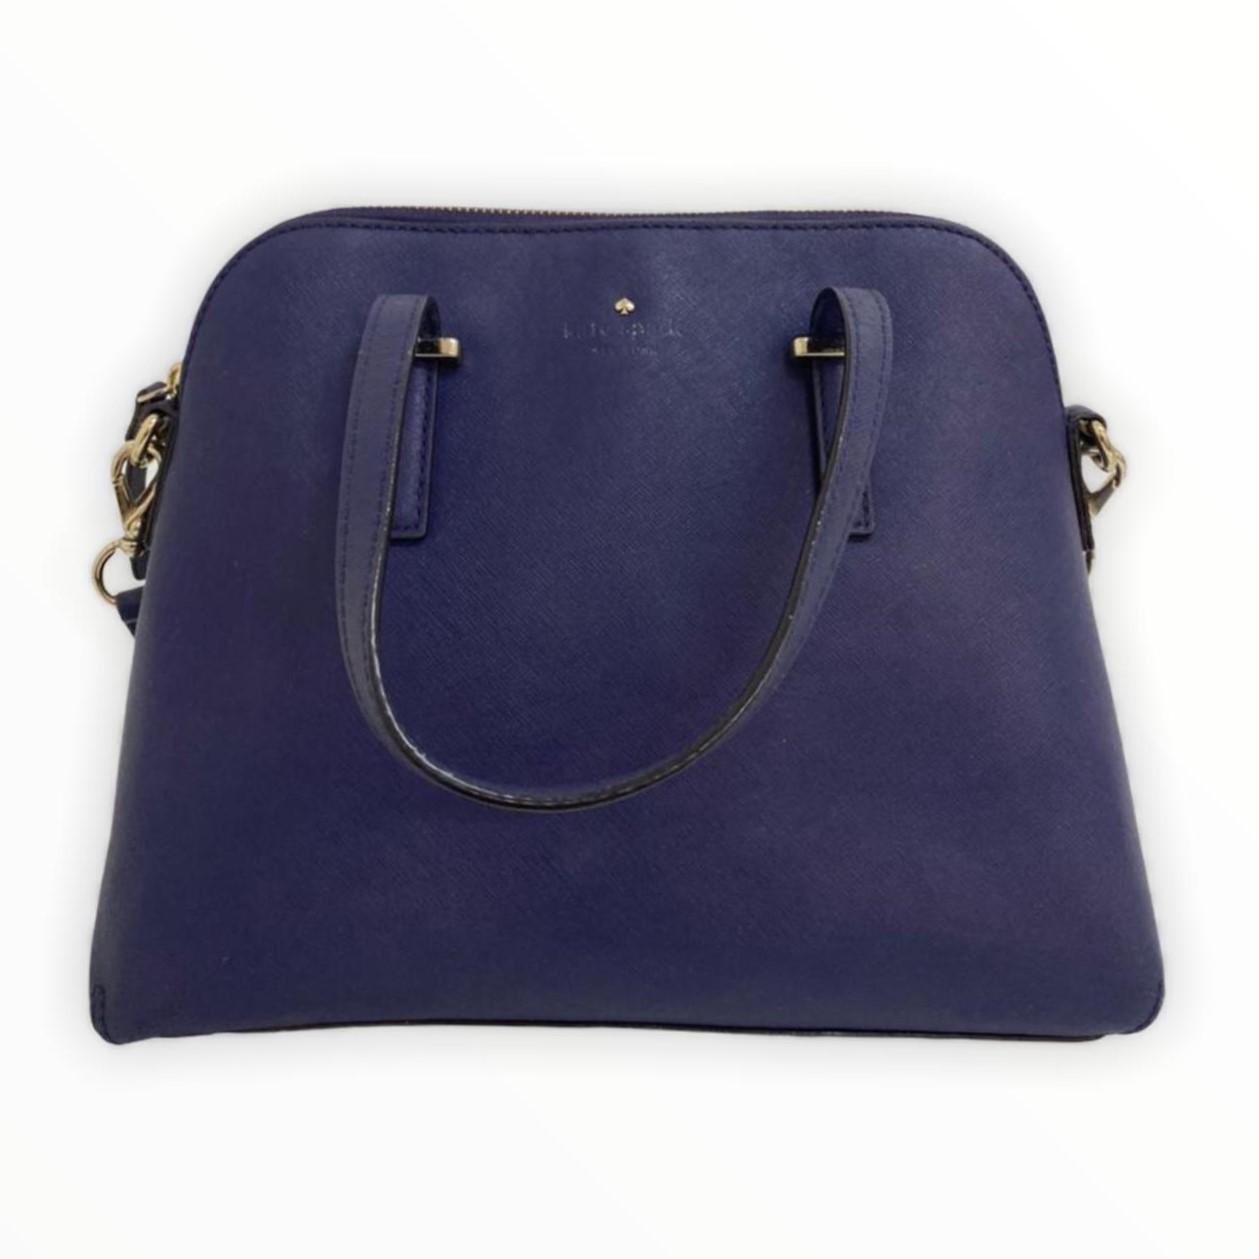 Bolsa Kate Spade Azul Escuro